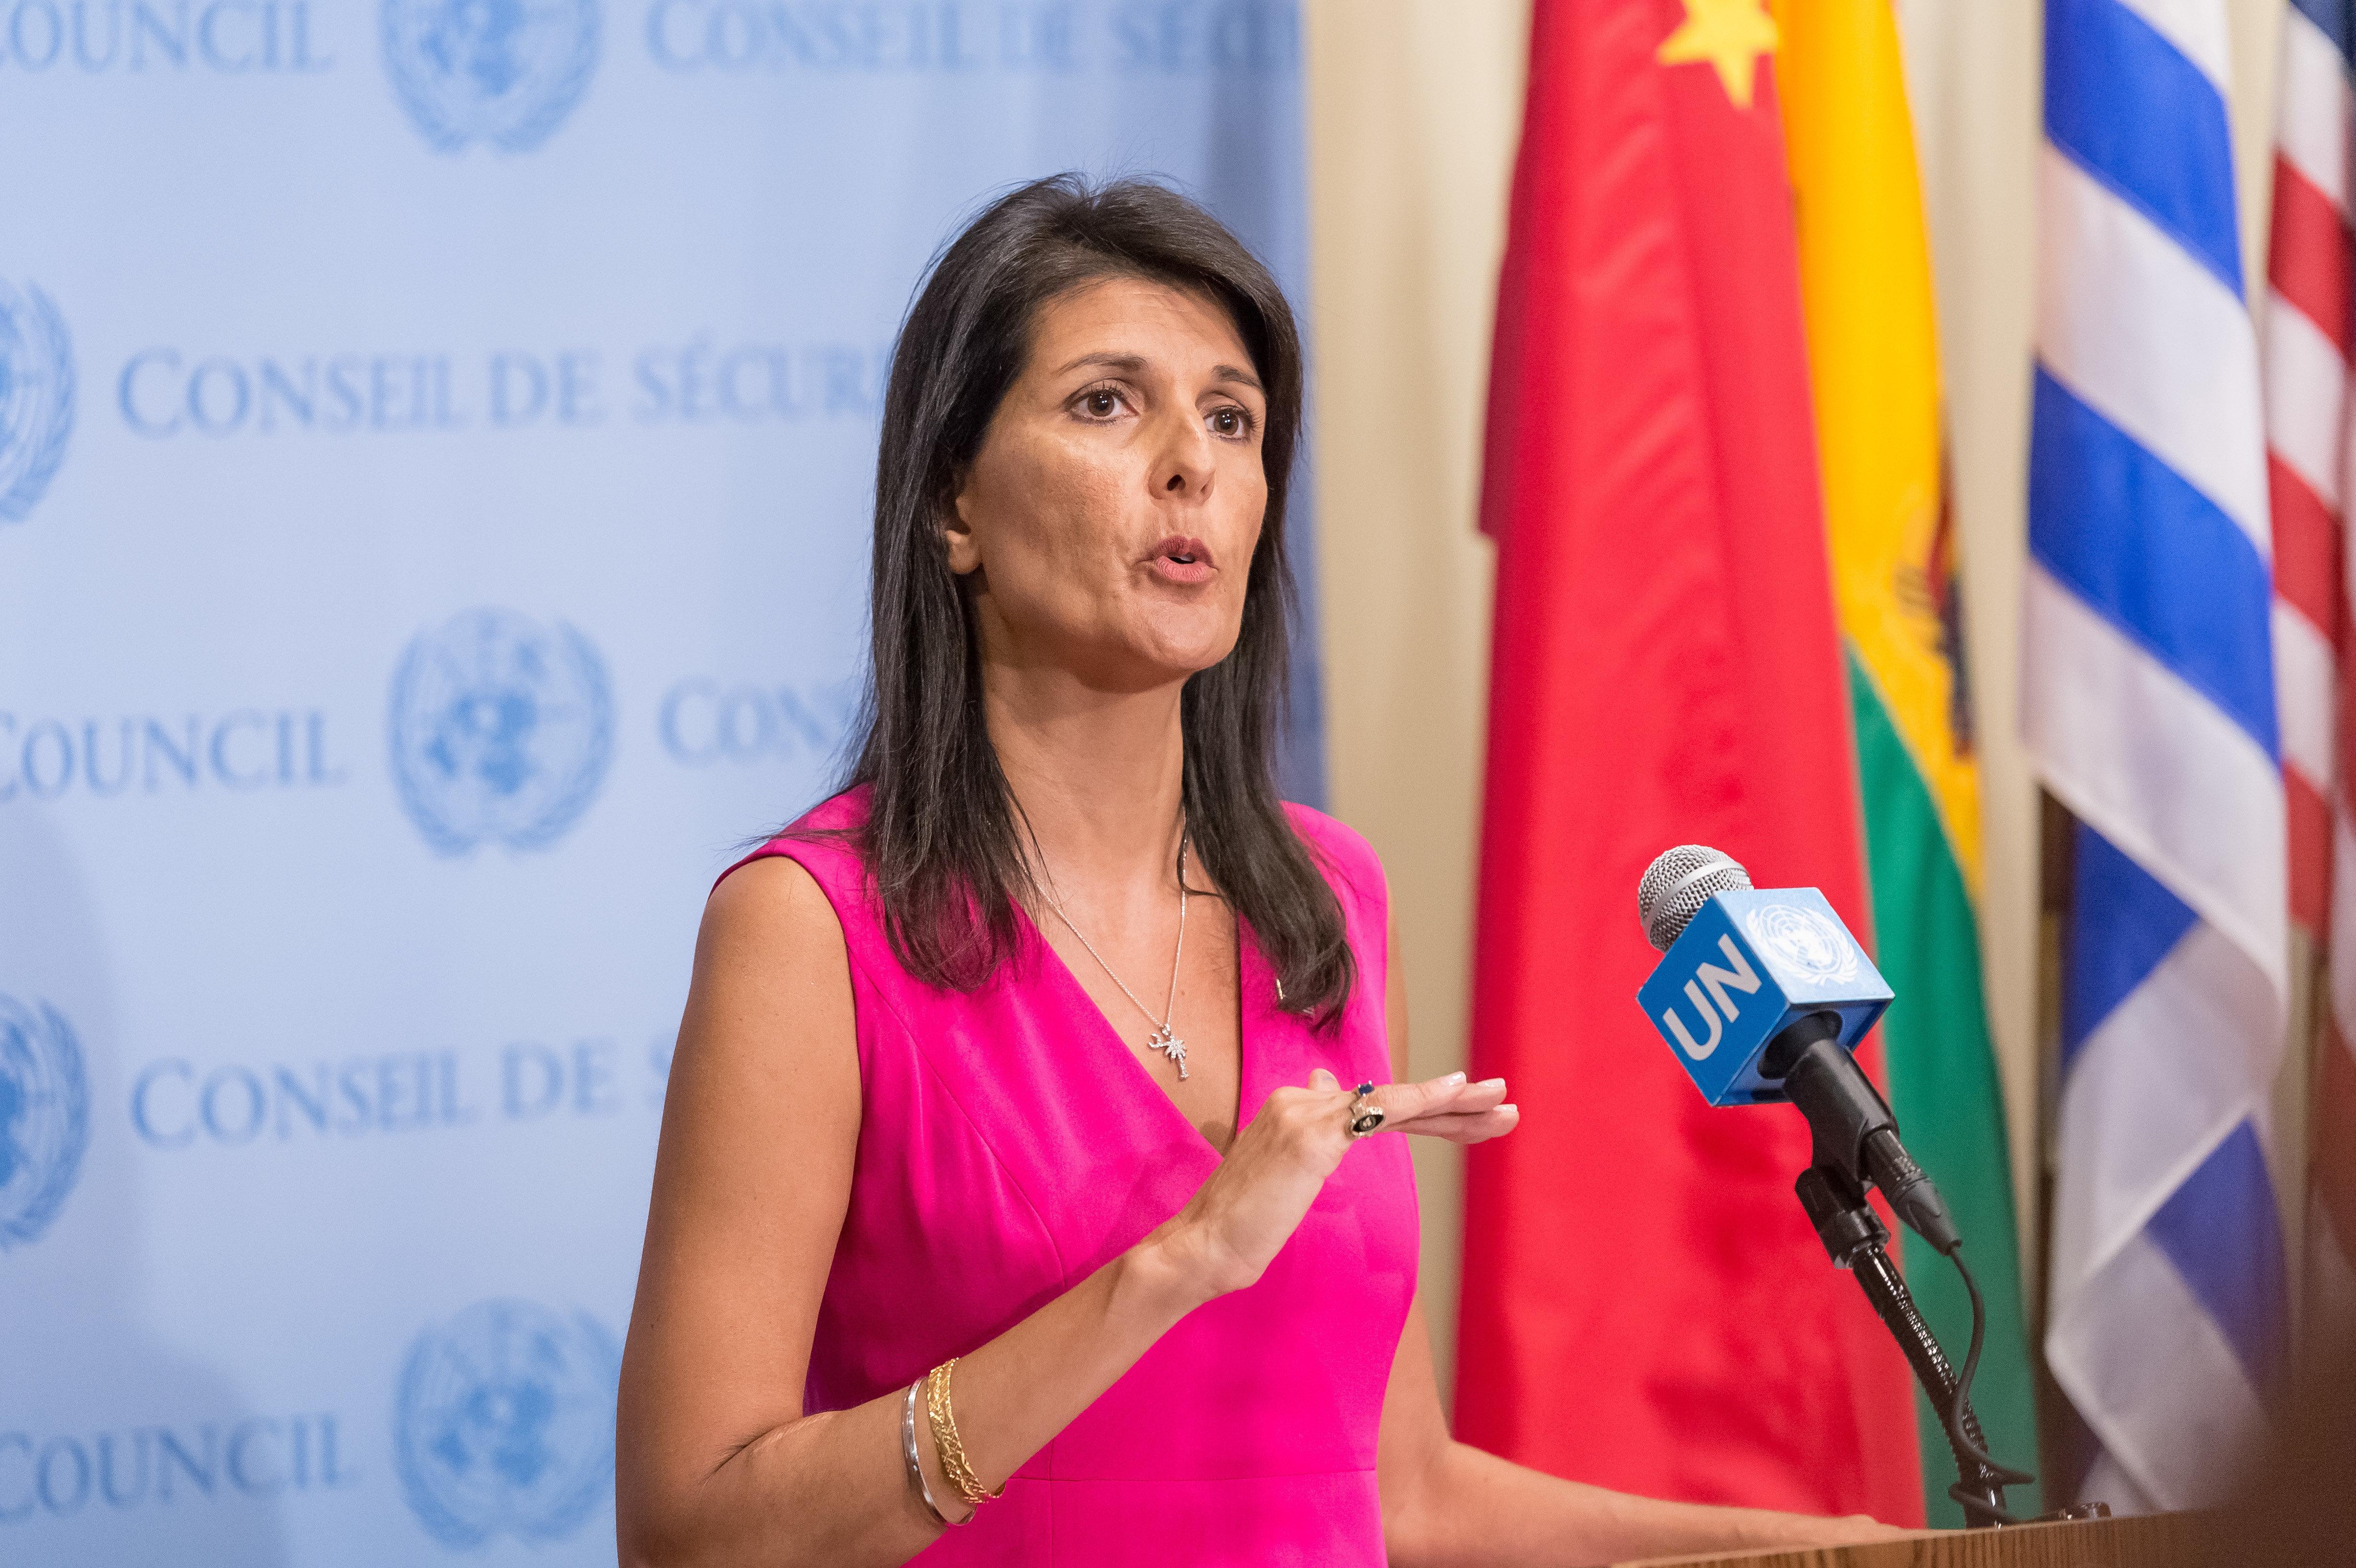 Οι ΗΠΑ πιέζουν τα μέλη του Συμβουλίου Ασφαλείας του ΟΗΕ να επιβάλλουν κυρώσεις στο